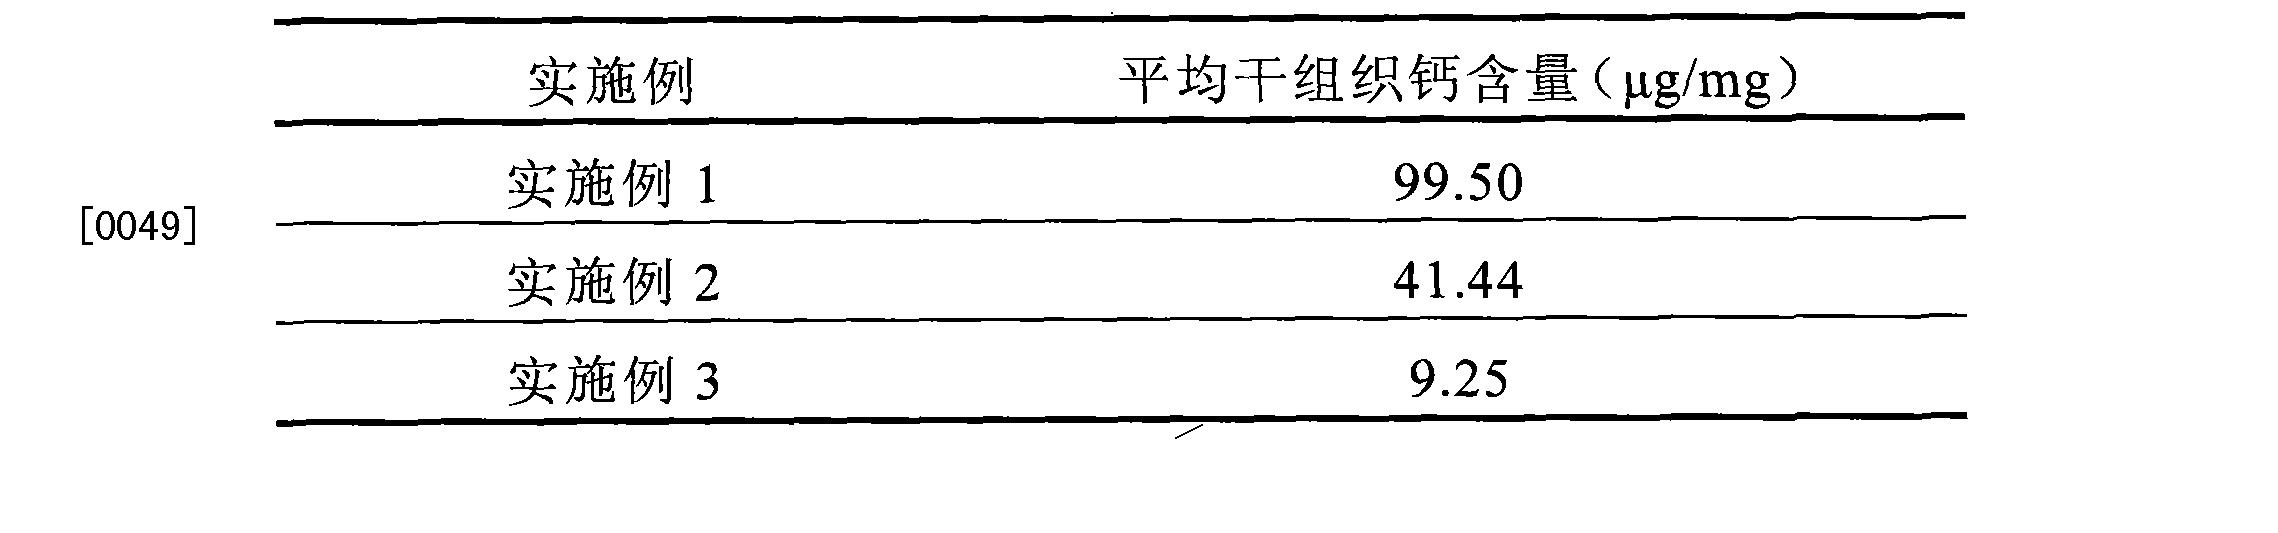 Figure CN102114269BD00062